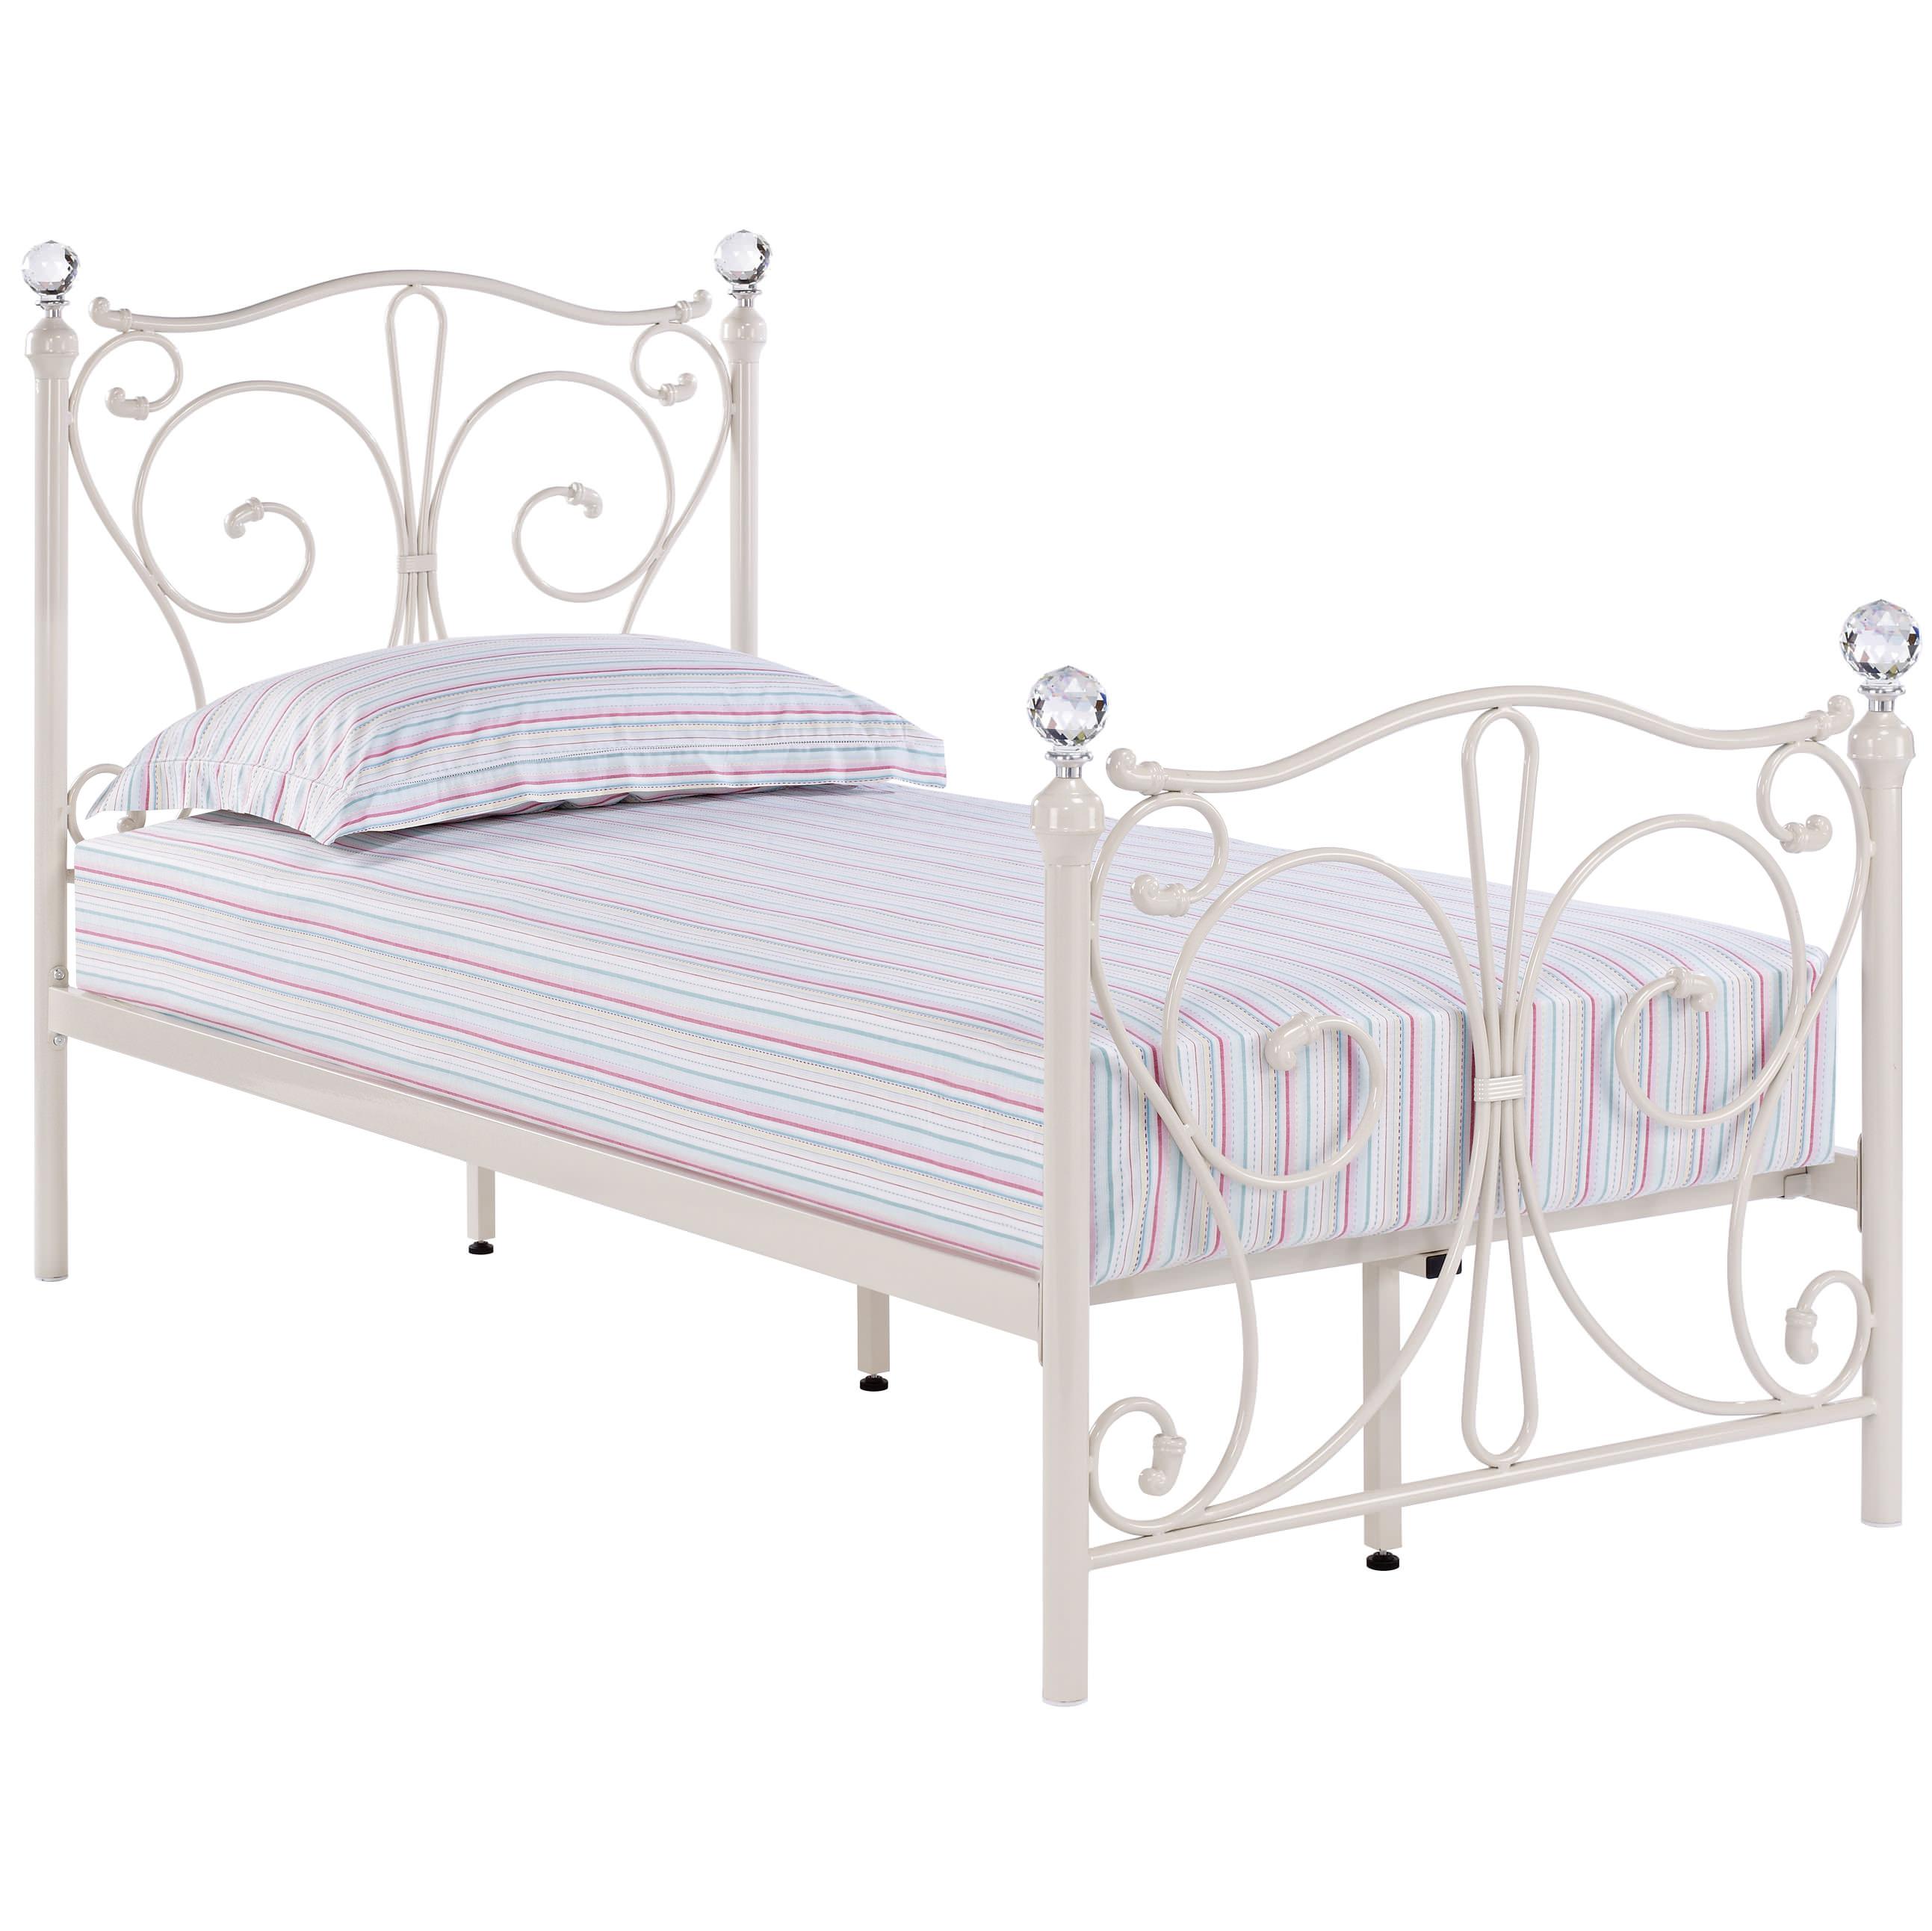 Metal Bed Frame Bedstead | Single Double Kingsize 3ft 4ft6 ...